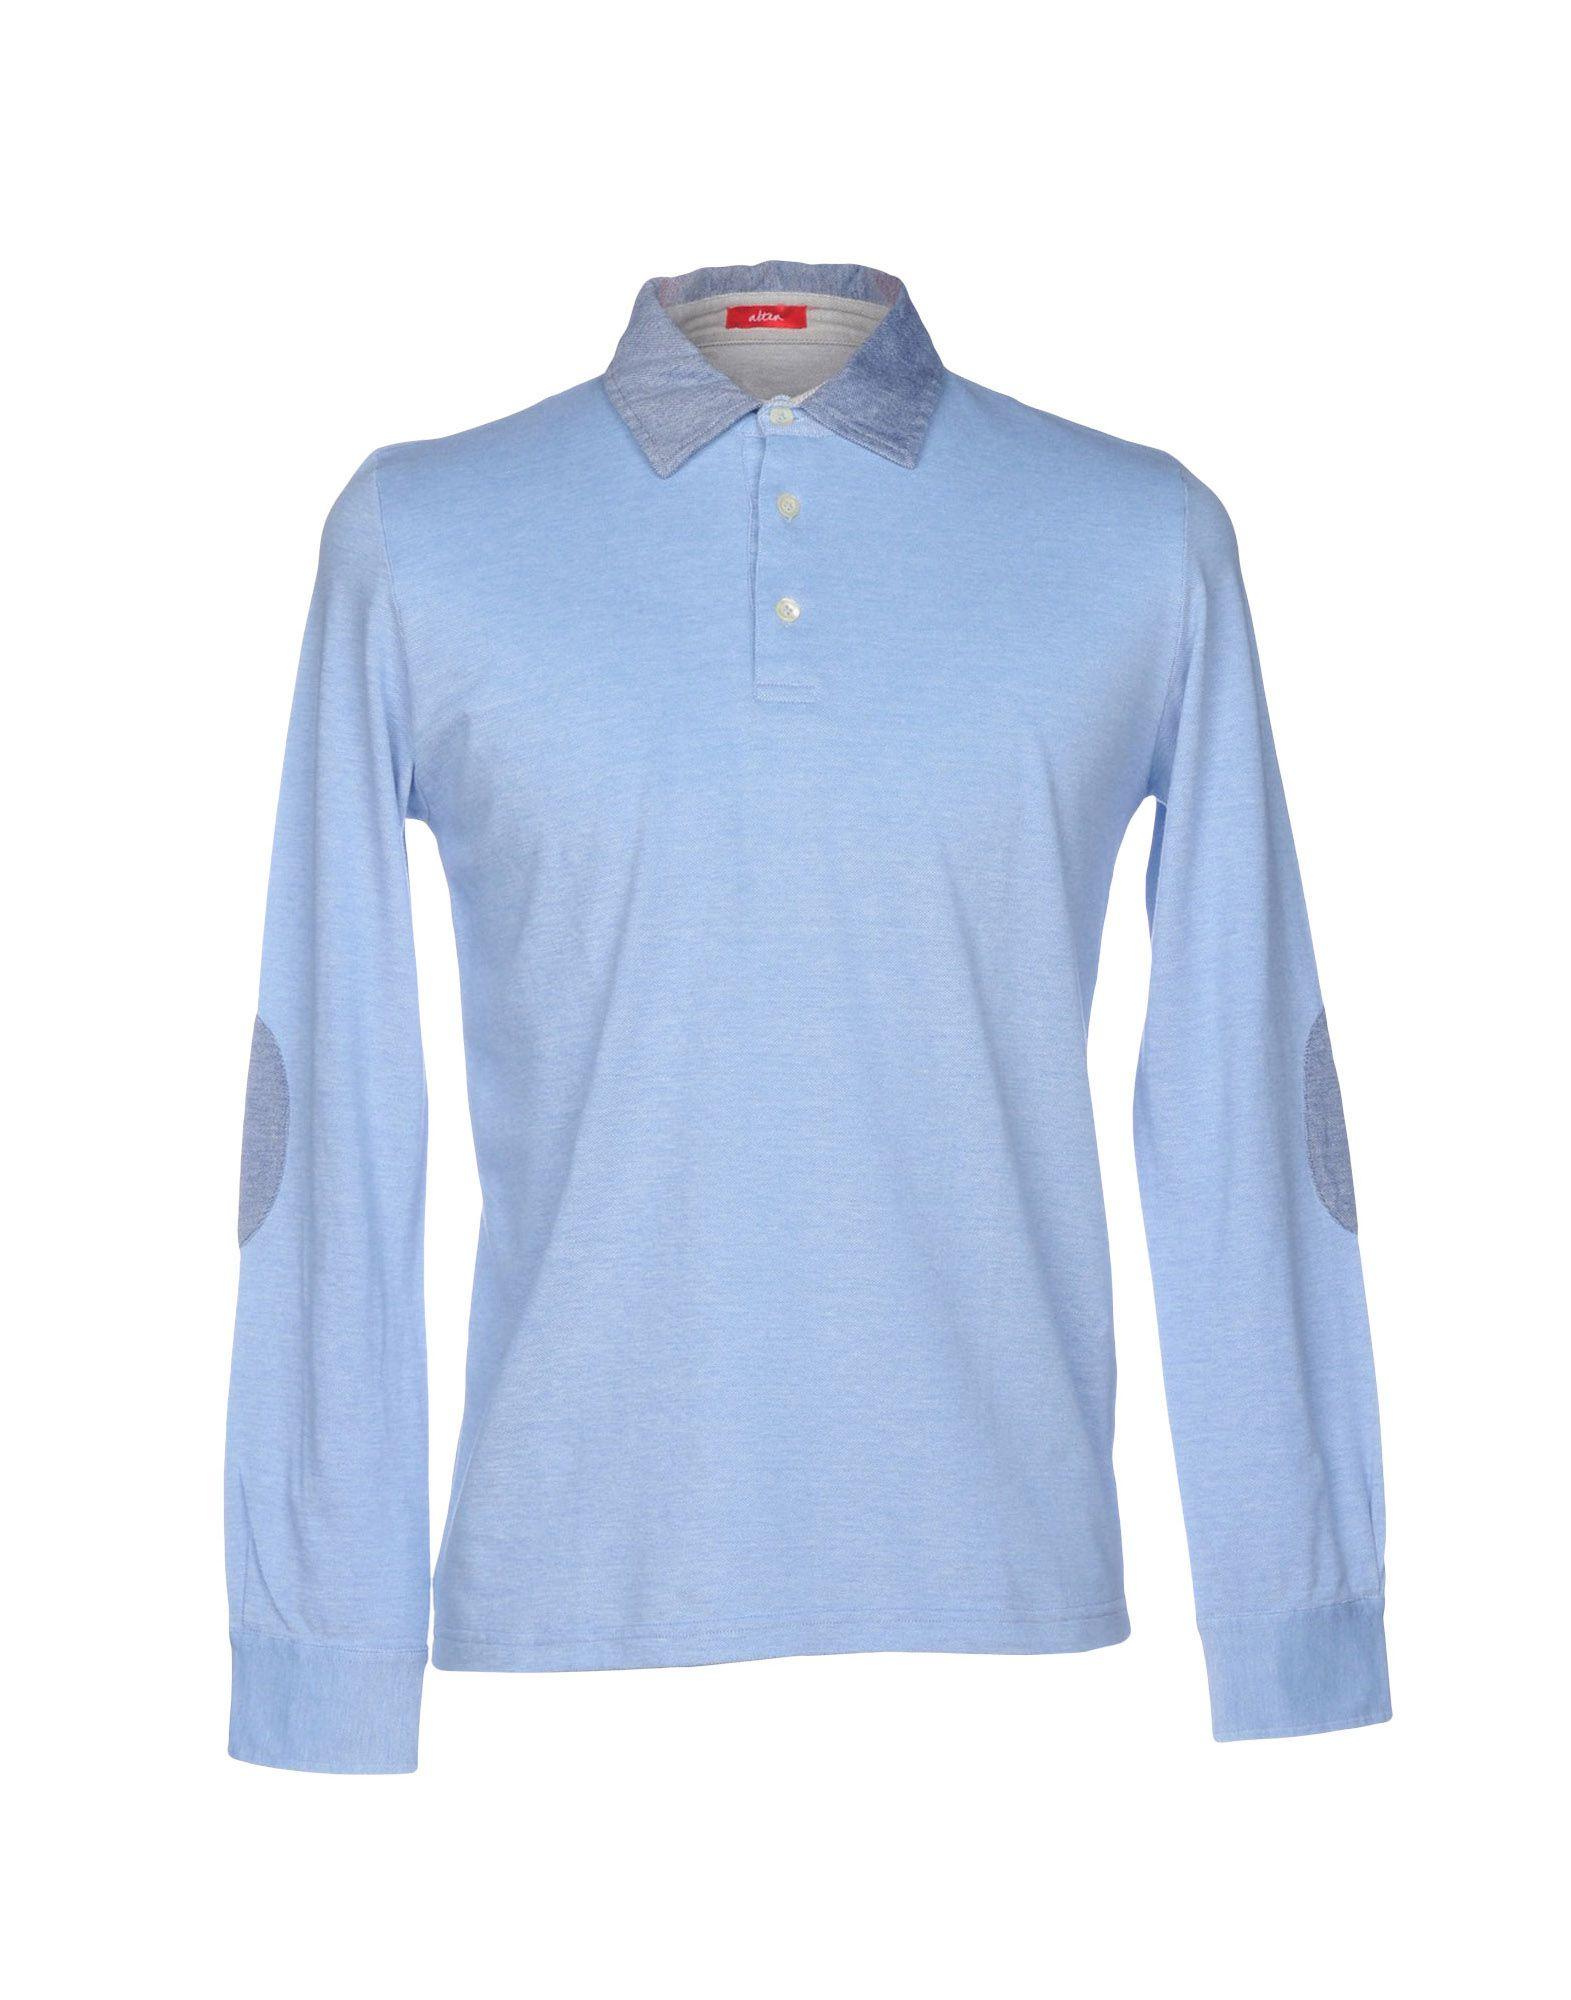 《送料無料》ALTEA メンズ ポロシャツ スカイブルー M コットン 100%